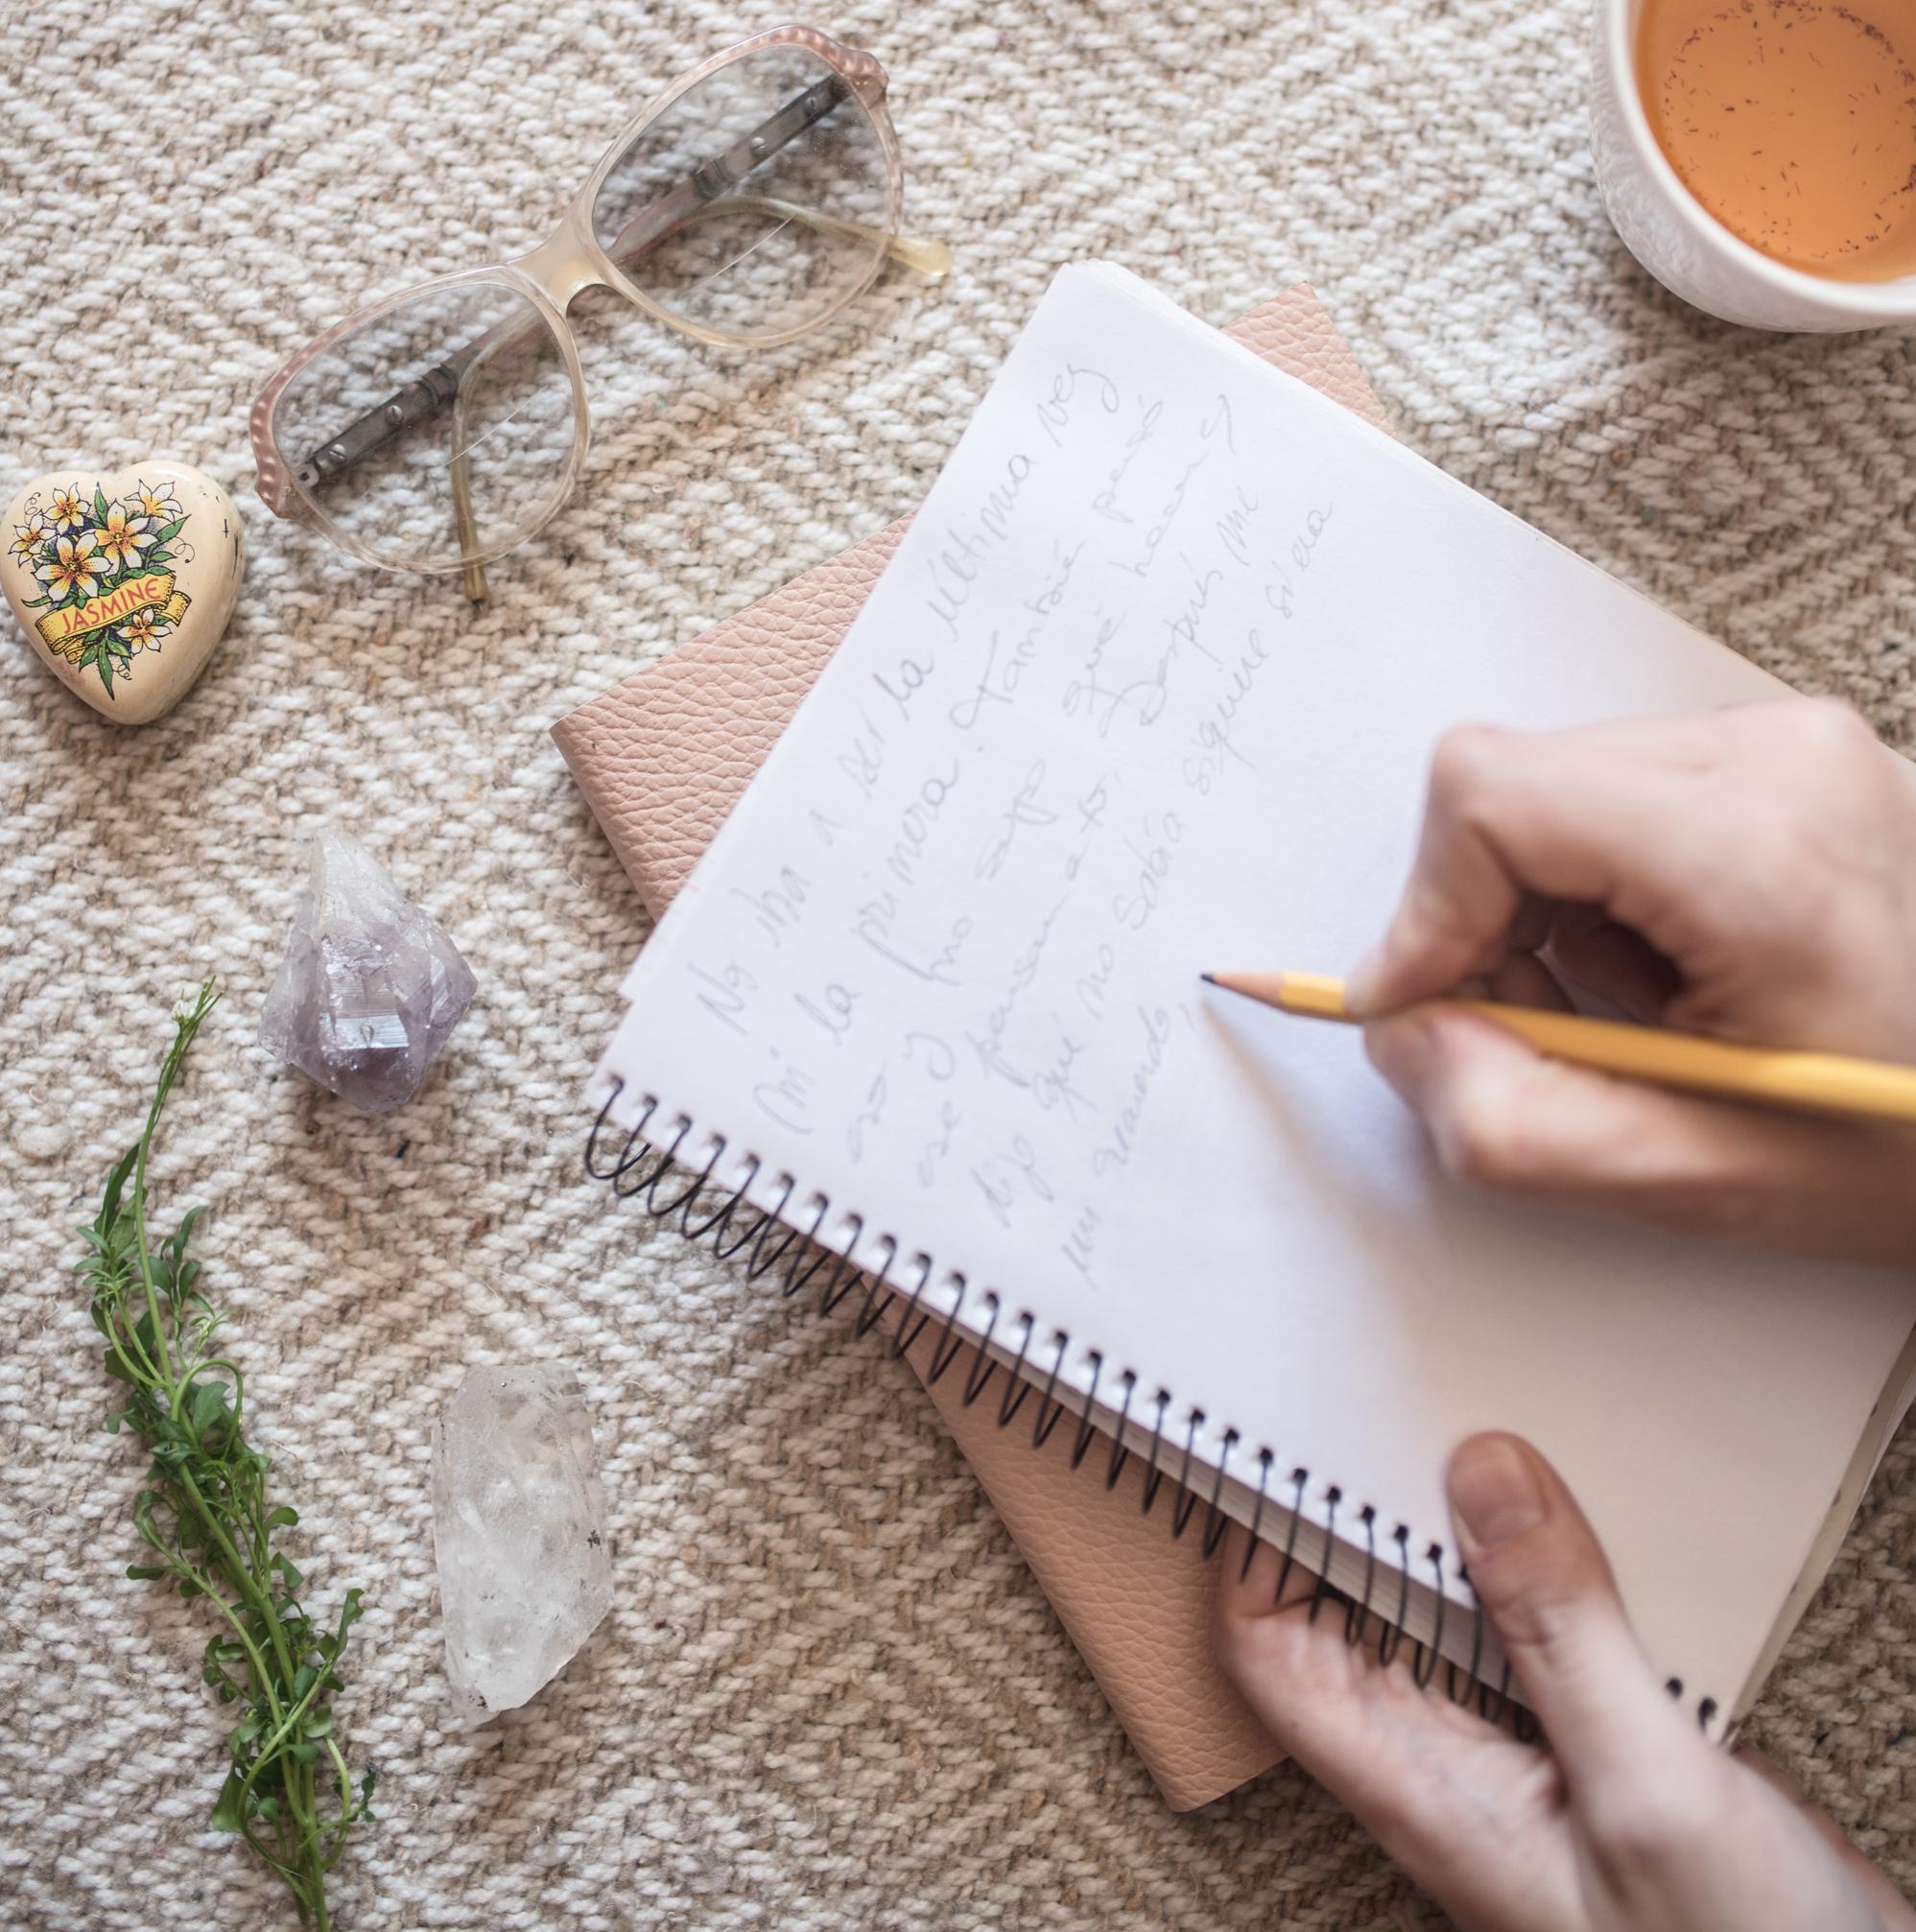 ¿Mito o realidad? ¿Cuál es el momento ideal para escribir?